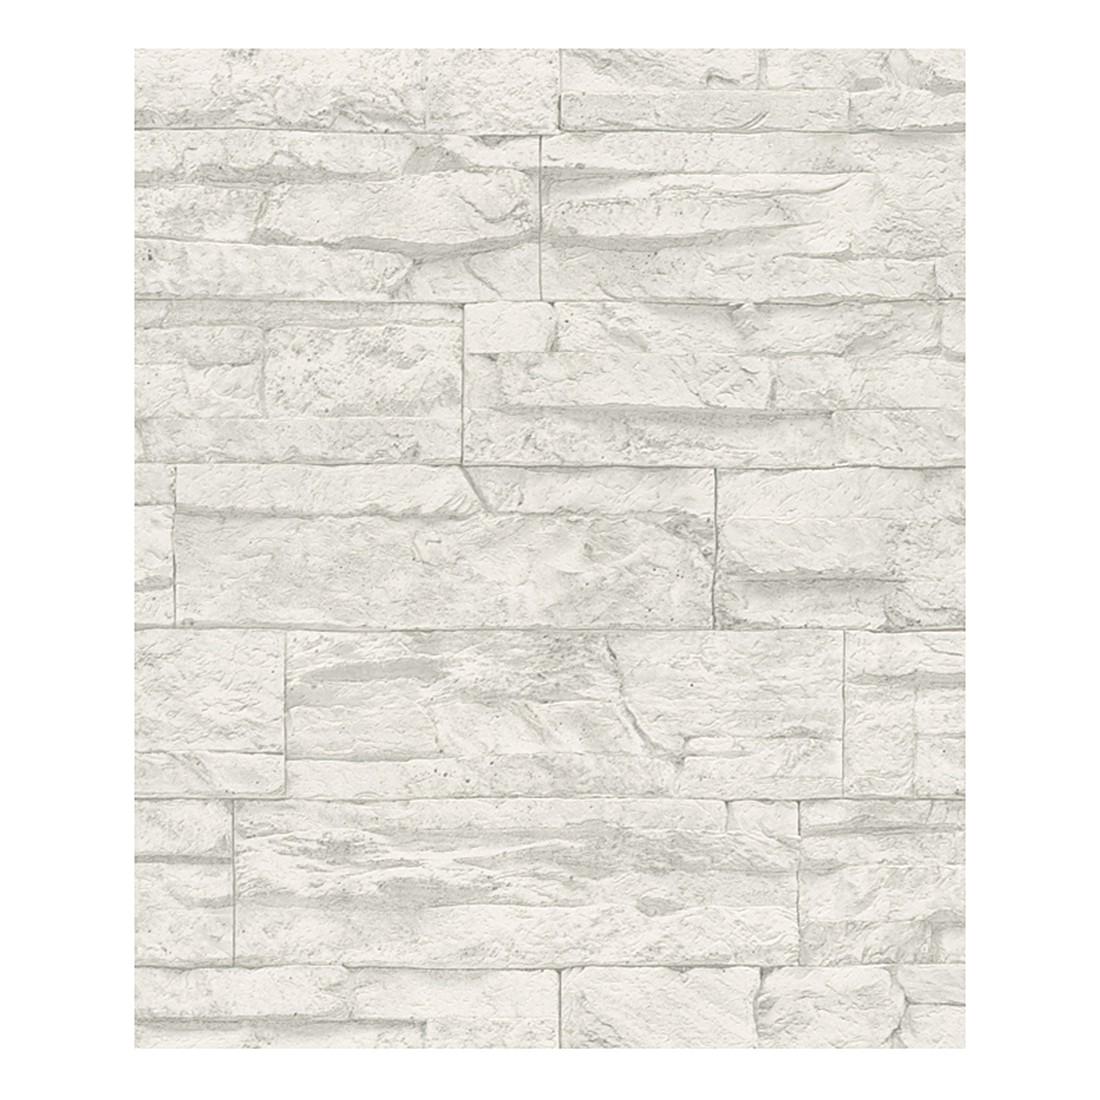 Tapete Wood and Stone – grau, weiß – strukturiert, Home24Deko jetzt bestellen